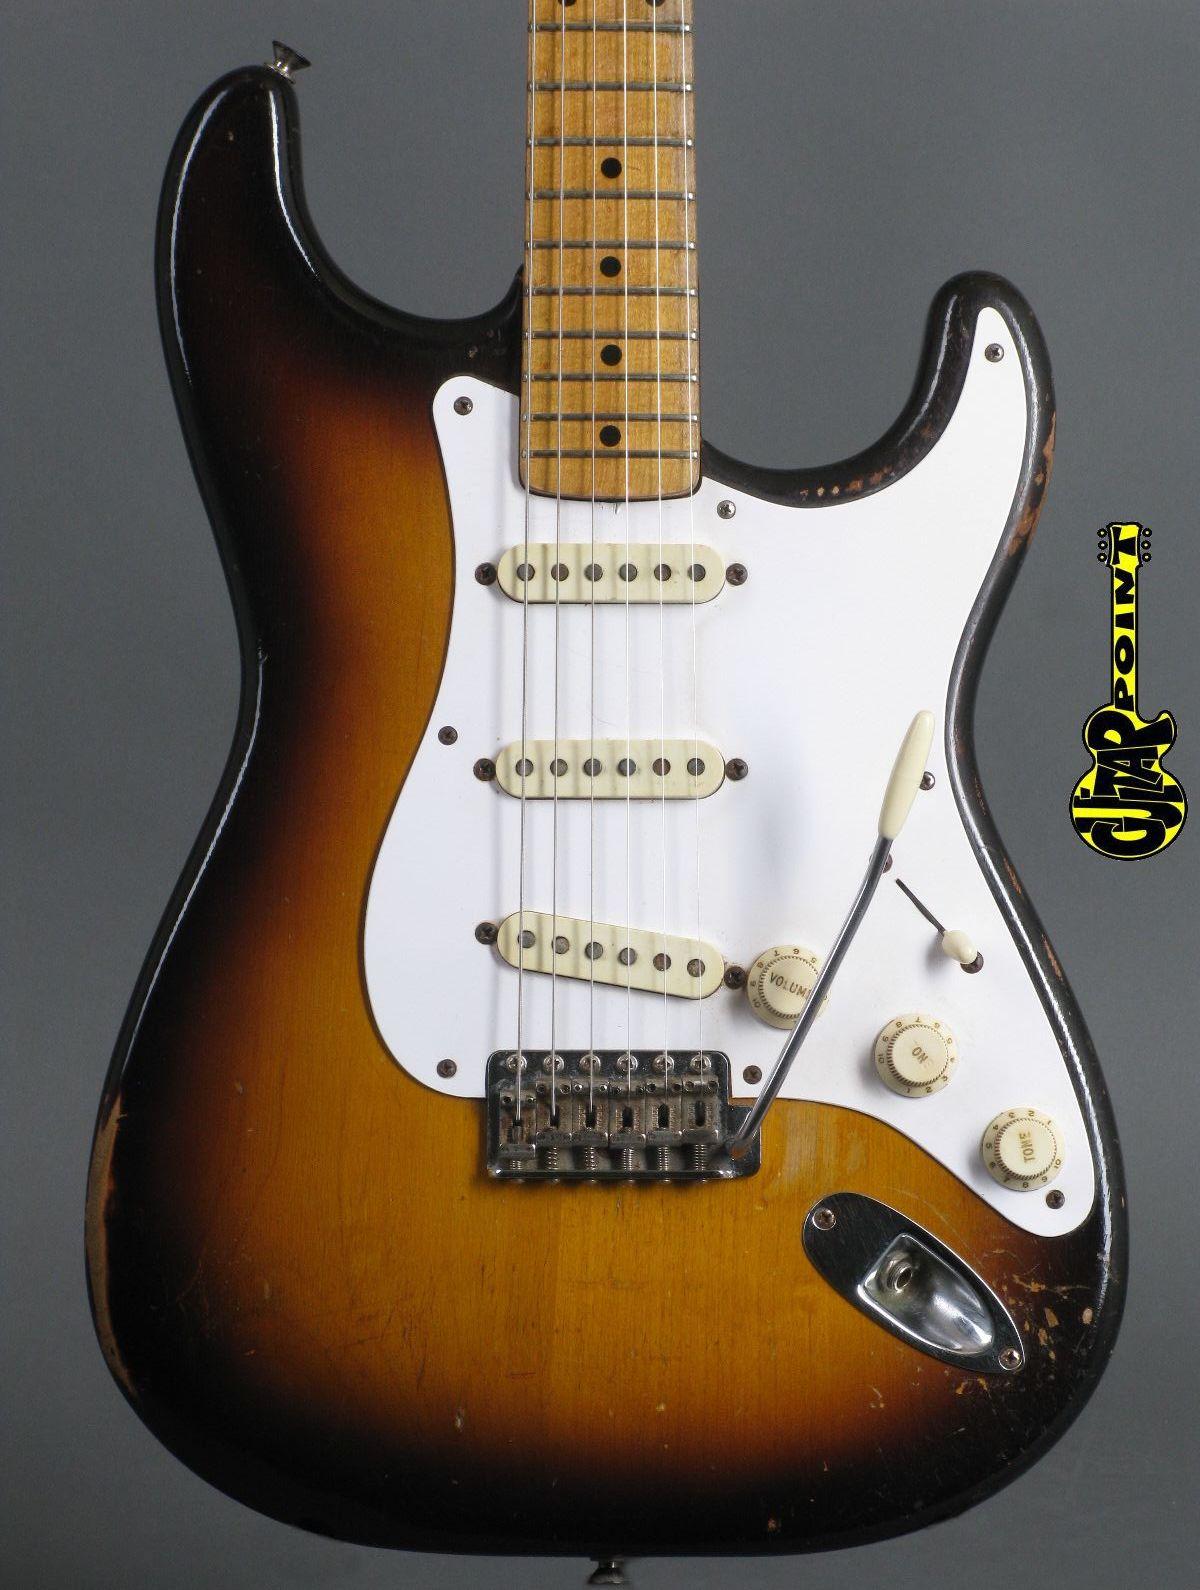 1957 Fender Stratocaster - 2-tone Sunburst   ...only 3,34Kg!